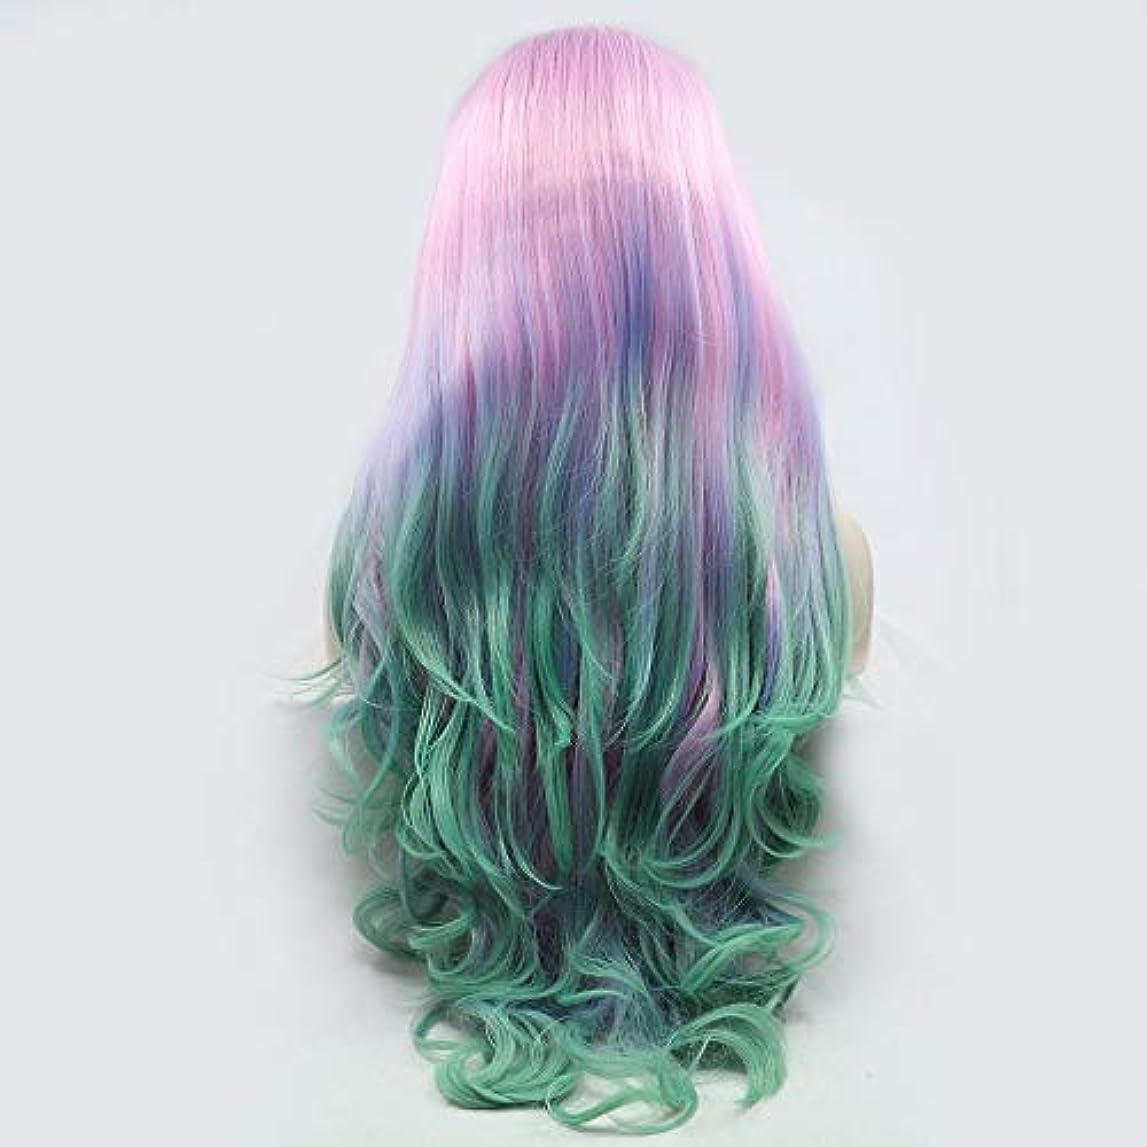 タックカレンダーかすかなZXF 多色長い巻き毛のかつらレディース手作りレースヨーロッパとアメリカのかつらをかつらの髪の色で設定された色ピンク - グリーン - グラデーションセット 美しい